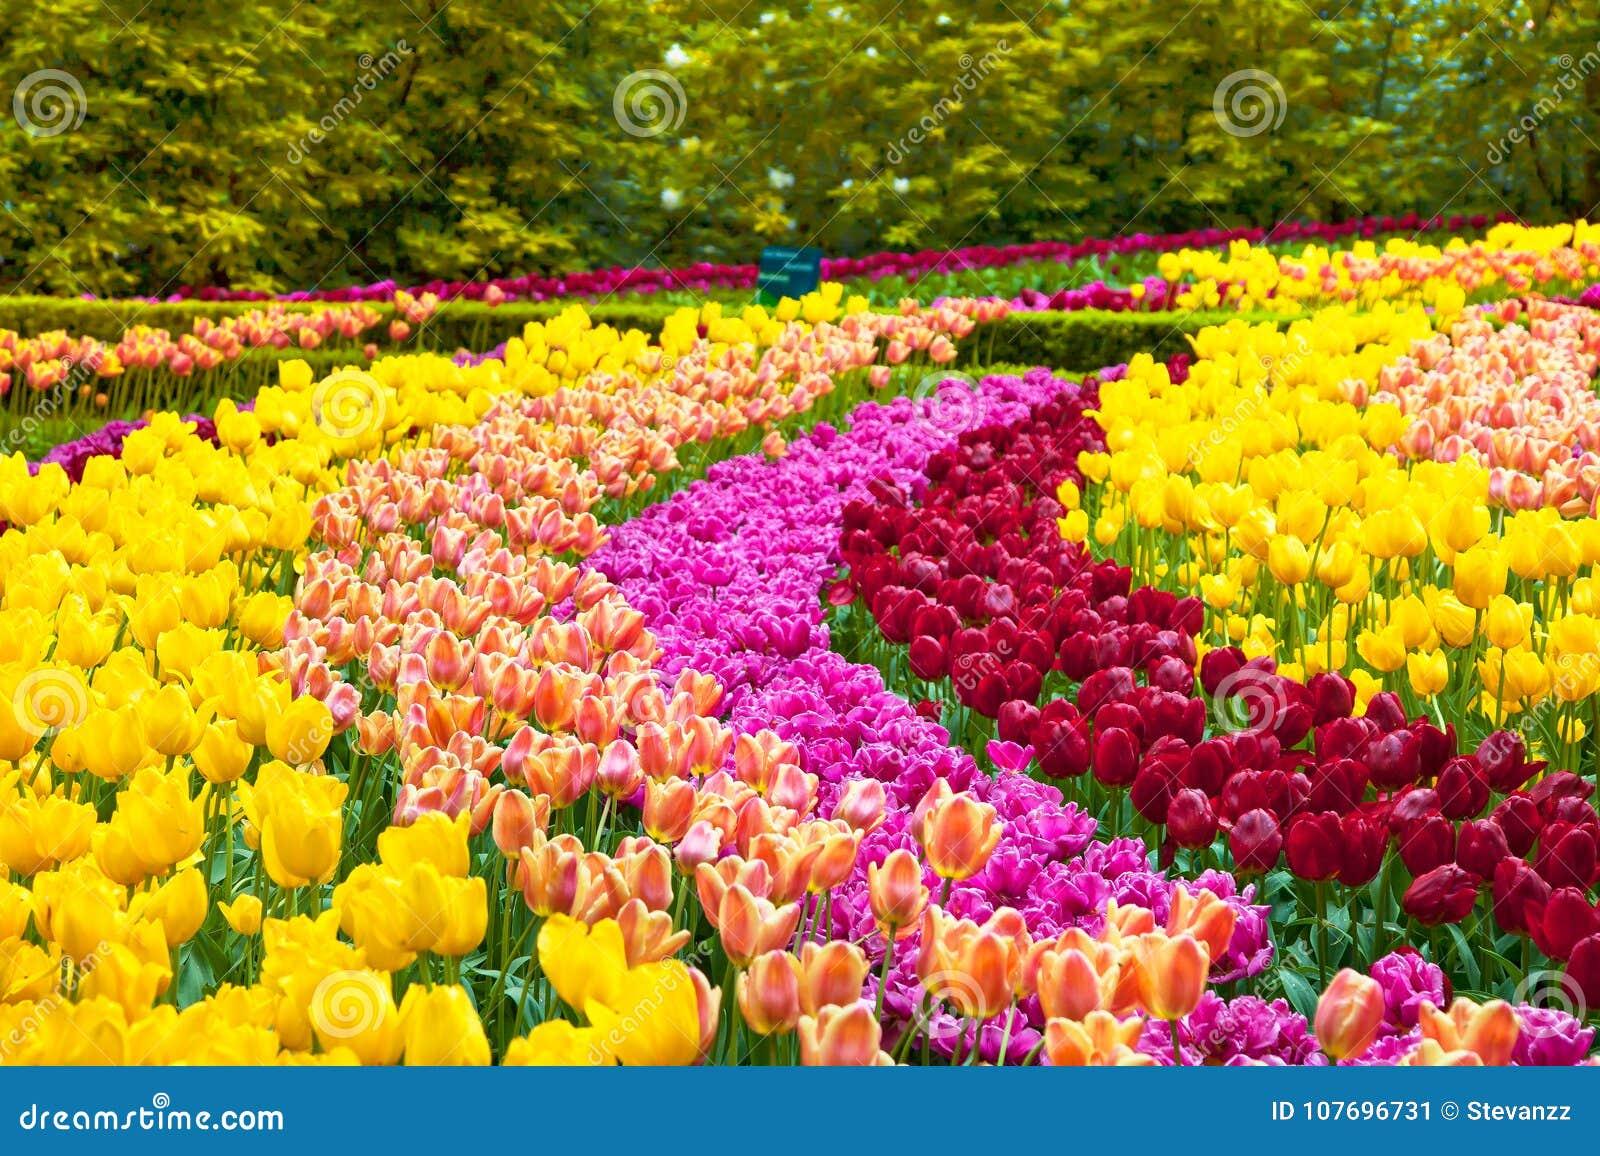 Fond Ou Modèle De Jardin De Fleurs De Tulipe Au Printemps ...